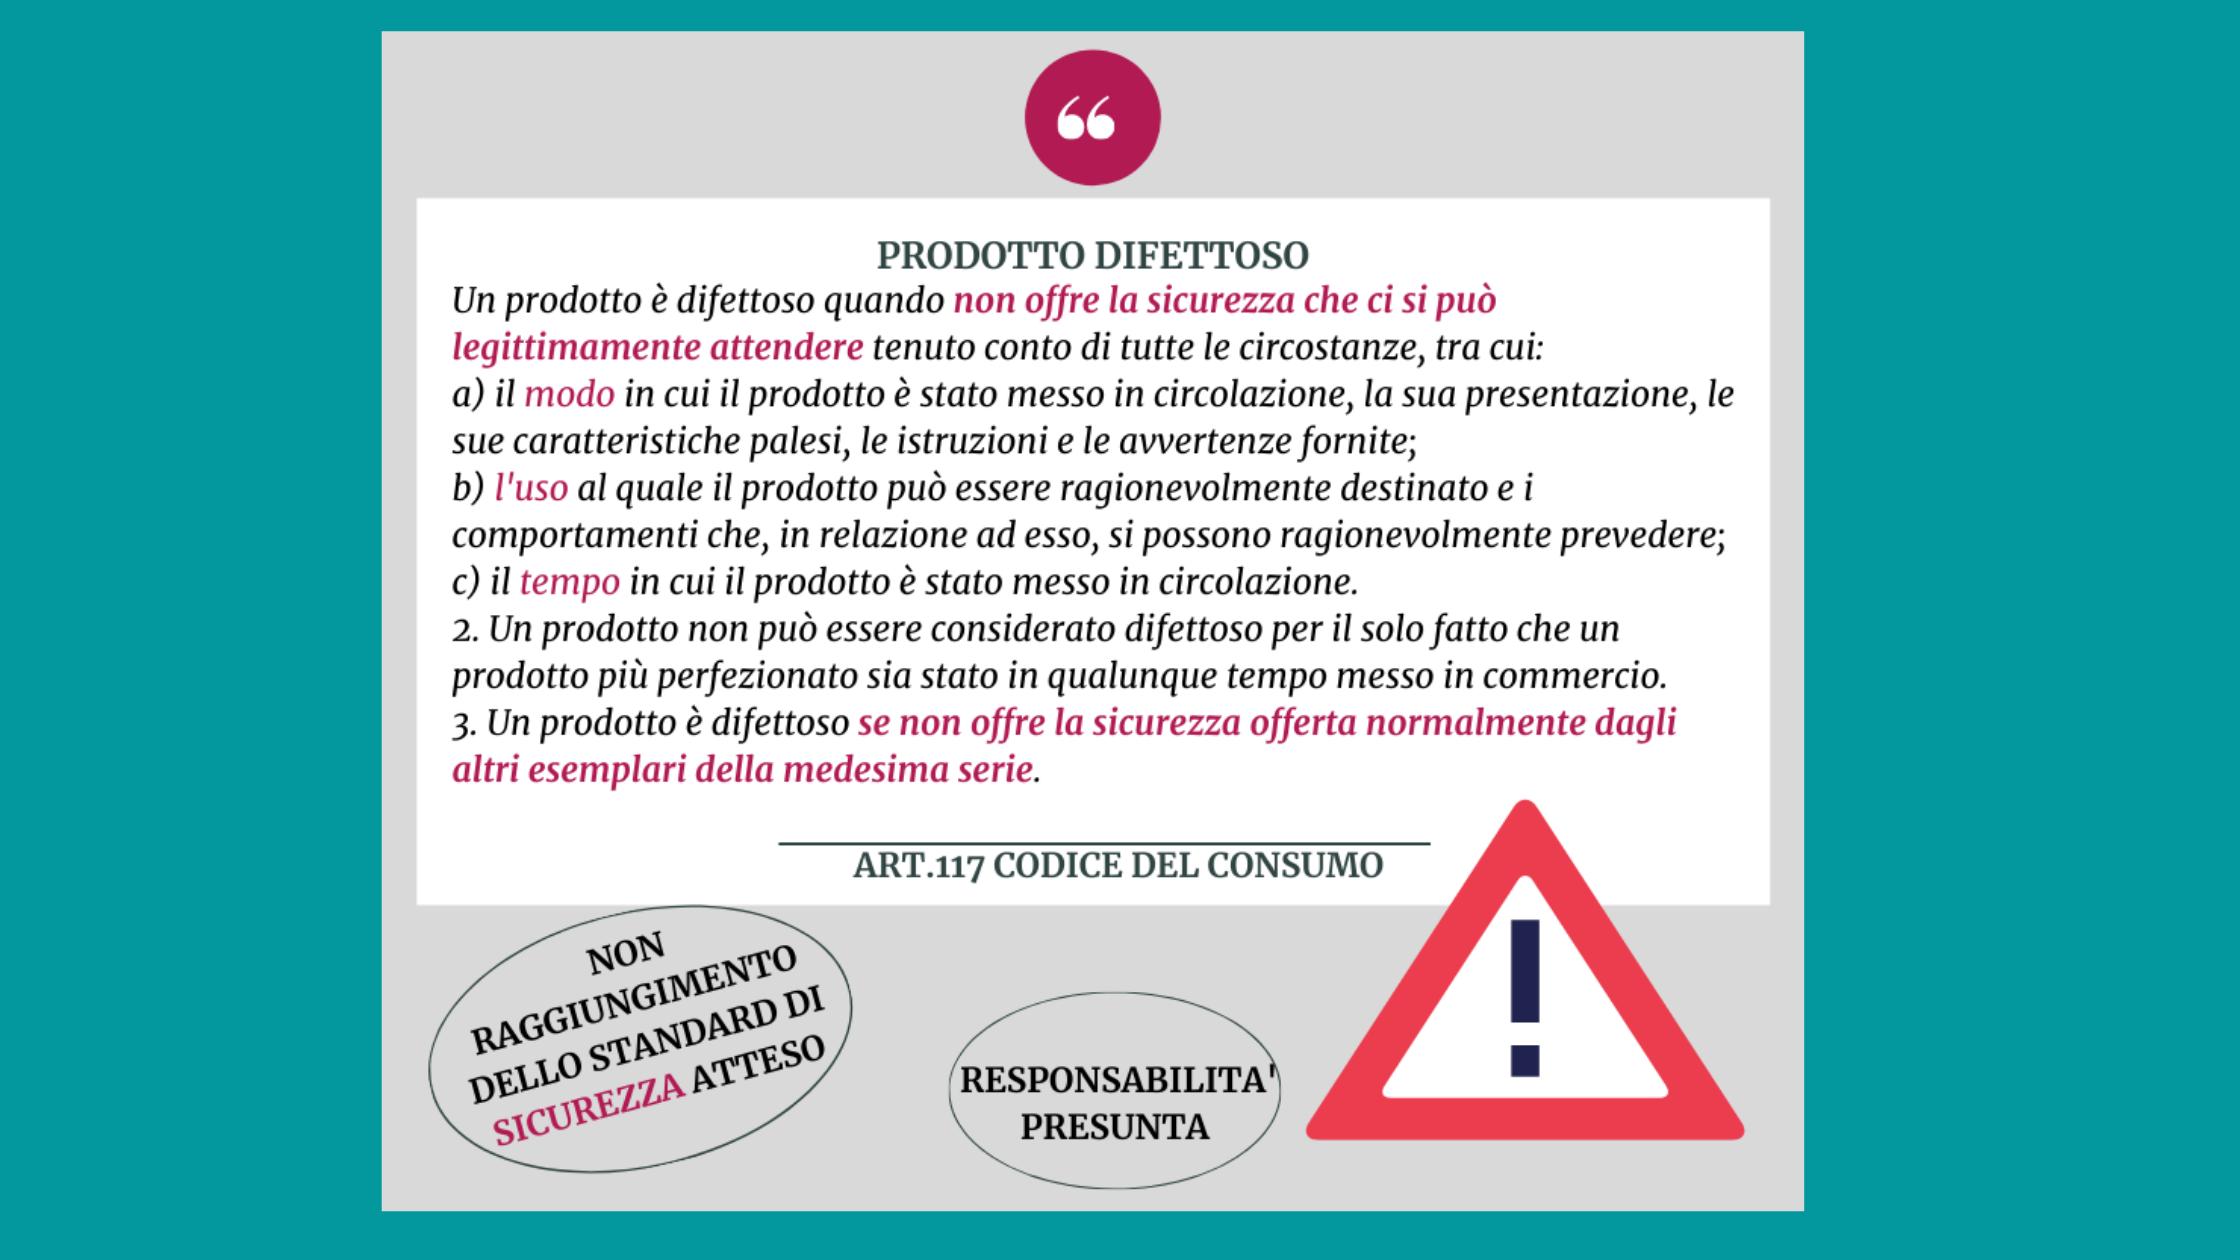 La responsabilità del produttore di prodotti difettosi: sicurezza e responsabilità presunta.